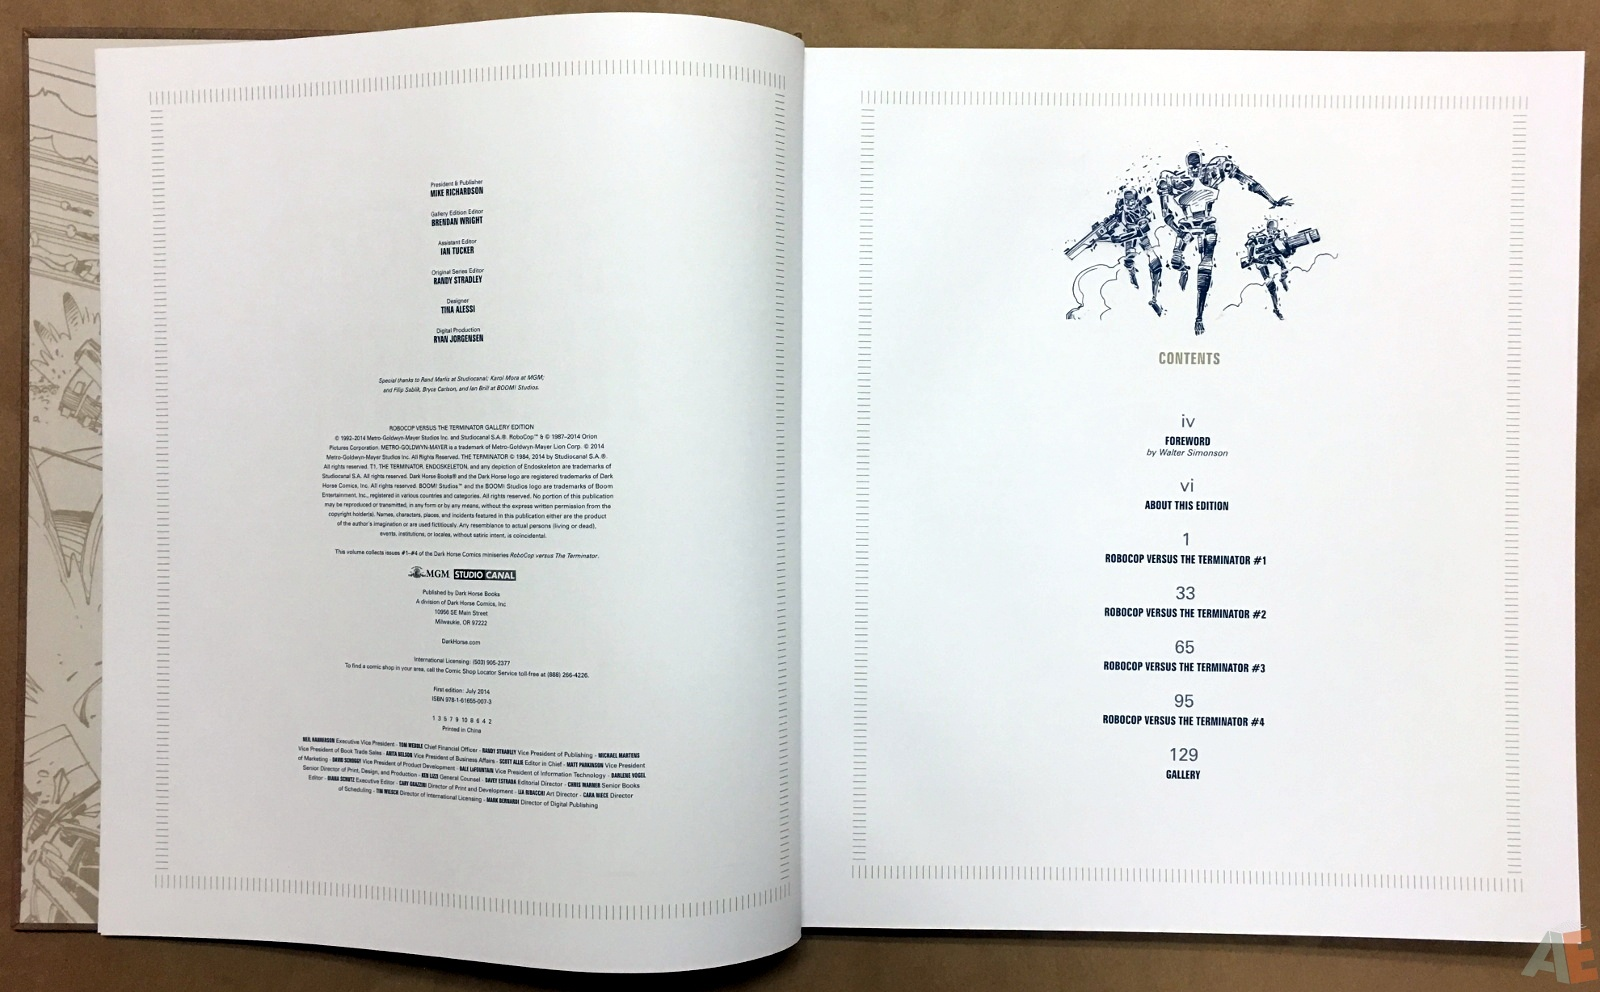 Robocop Versus The Terminator Gallery Edition